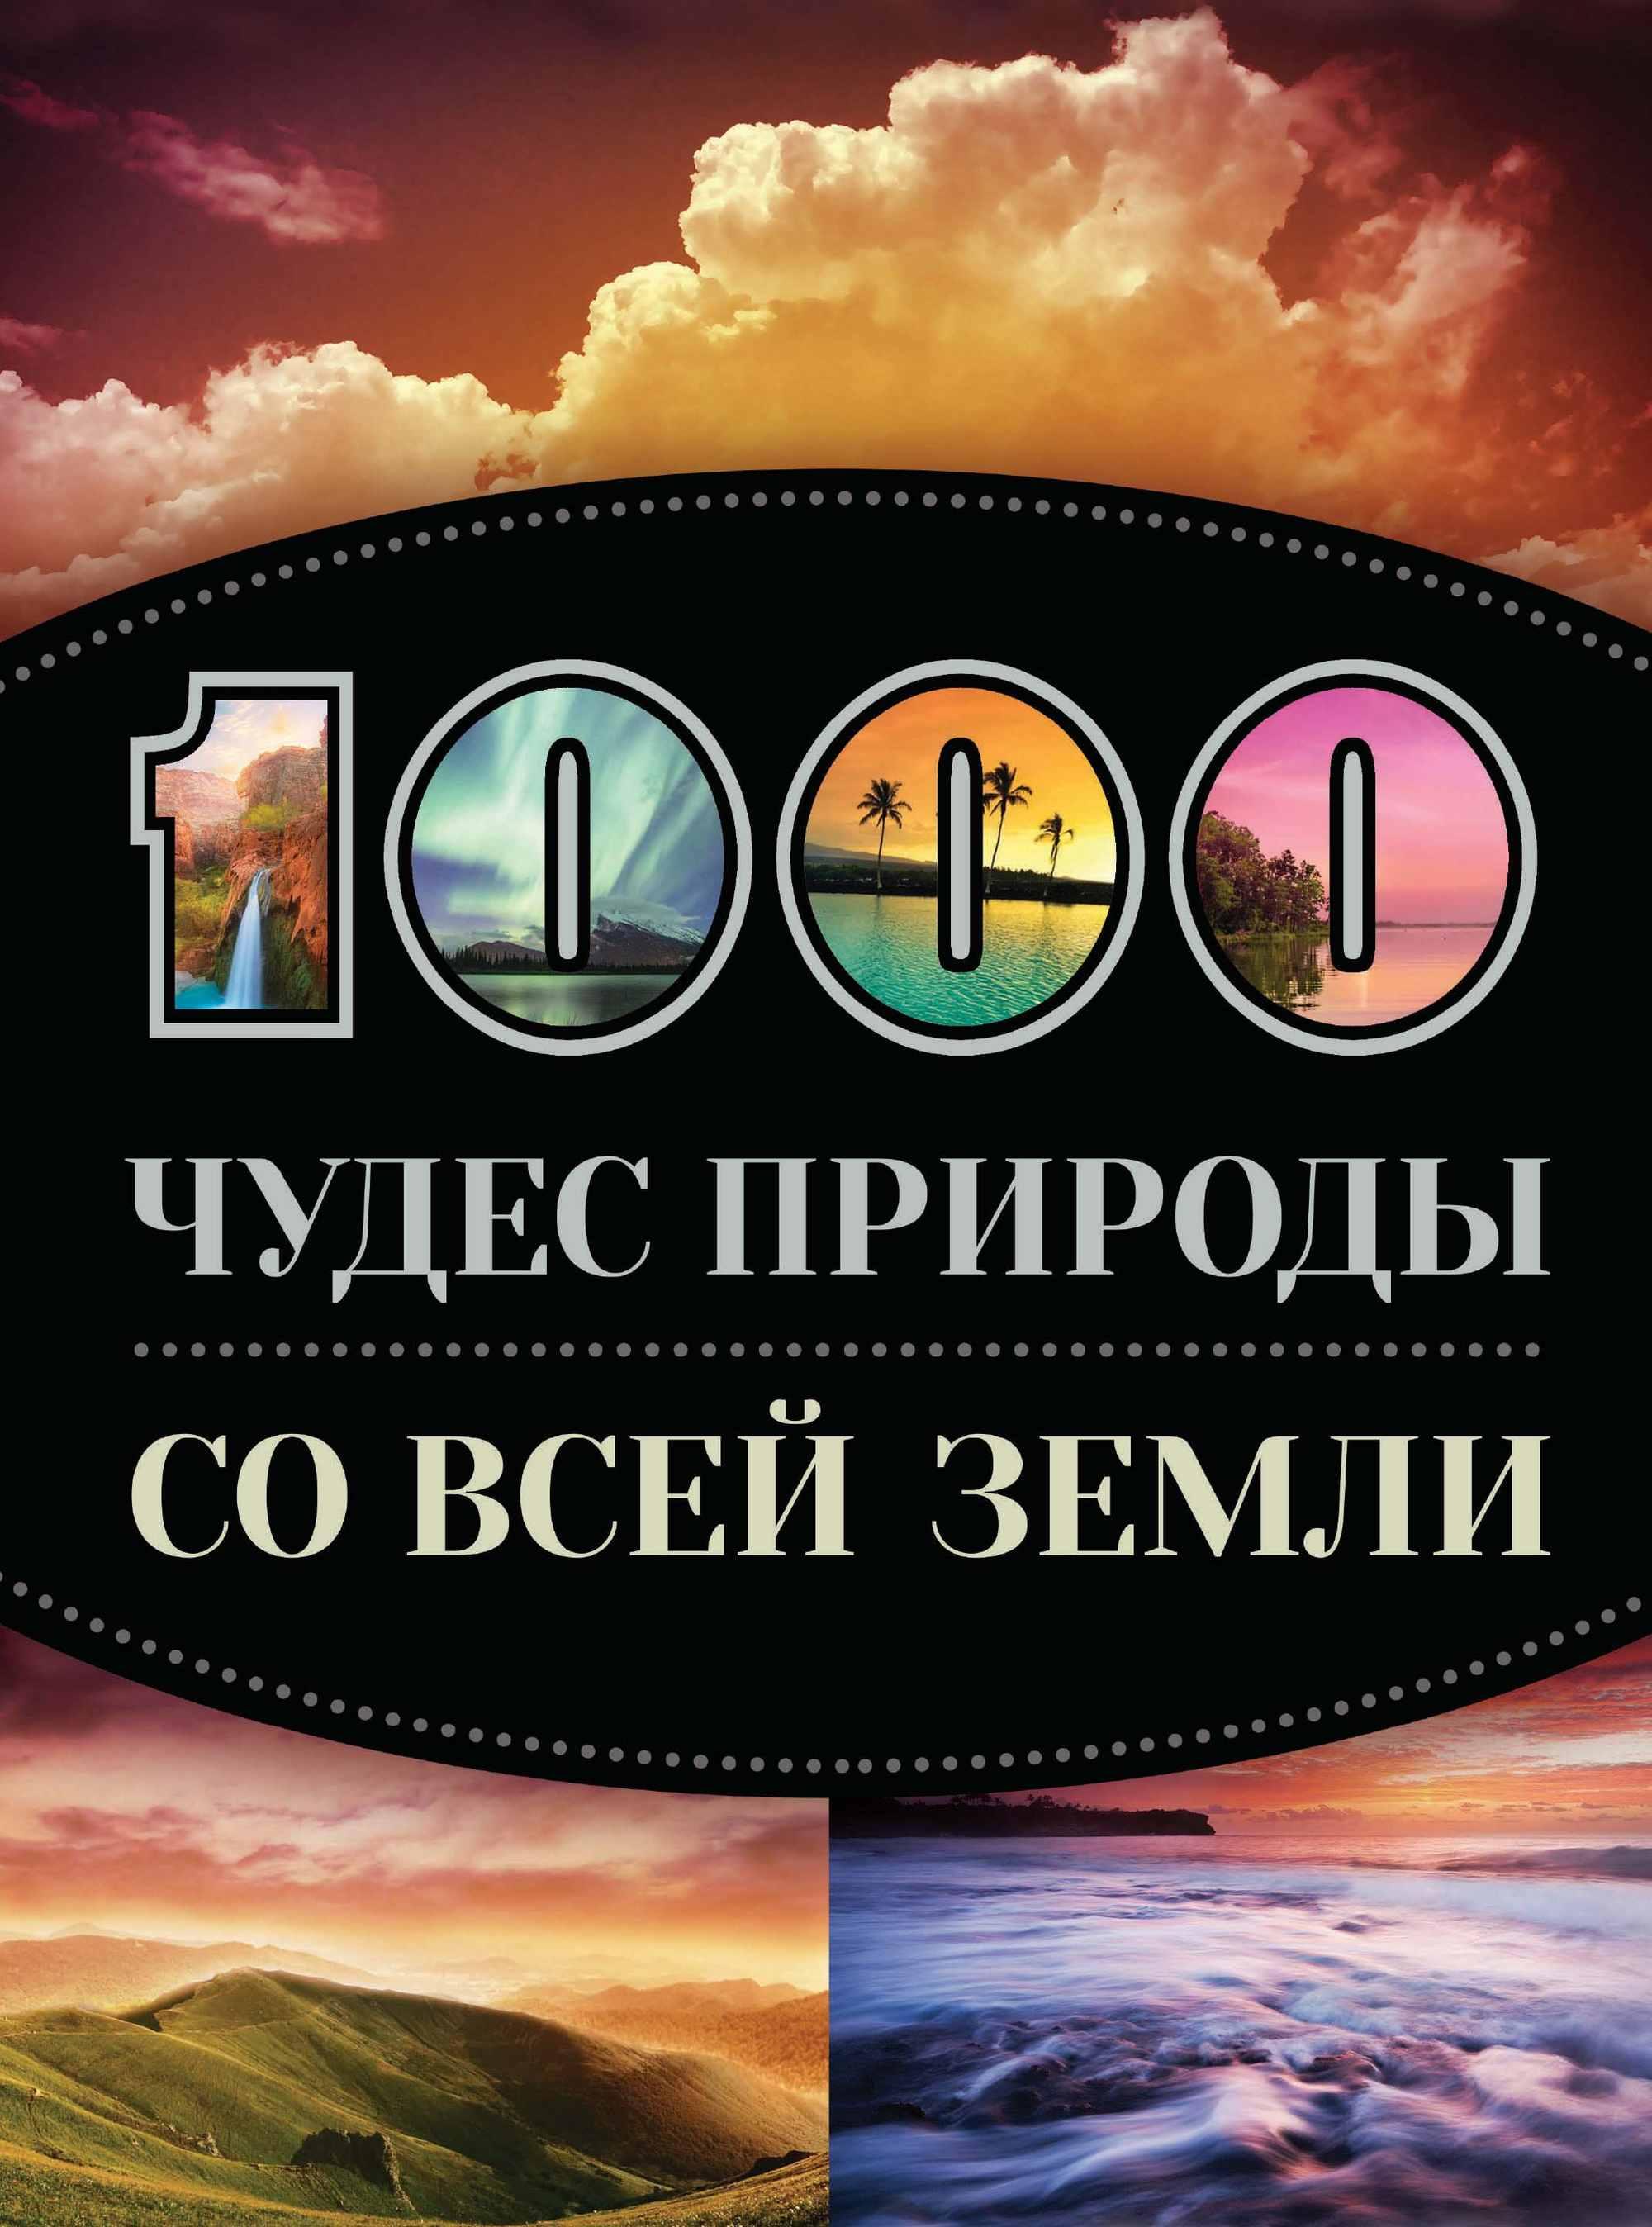 Татьяна Кигим 1000 чудес природы со всей Земли лидия гулевская история земли прошлое и настоящее нашей планеты